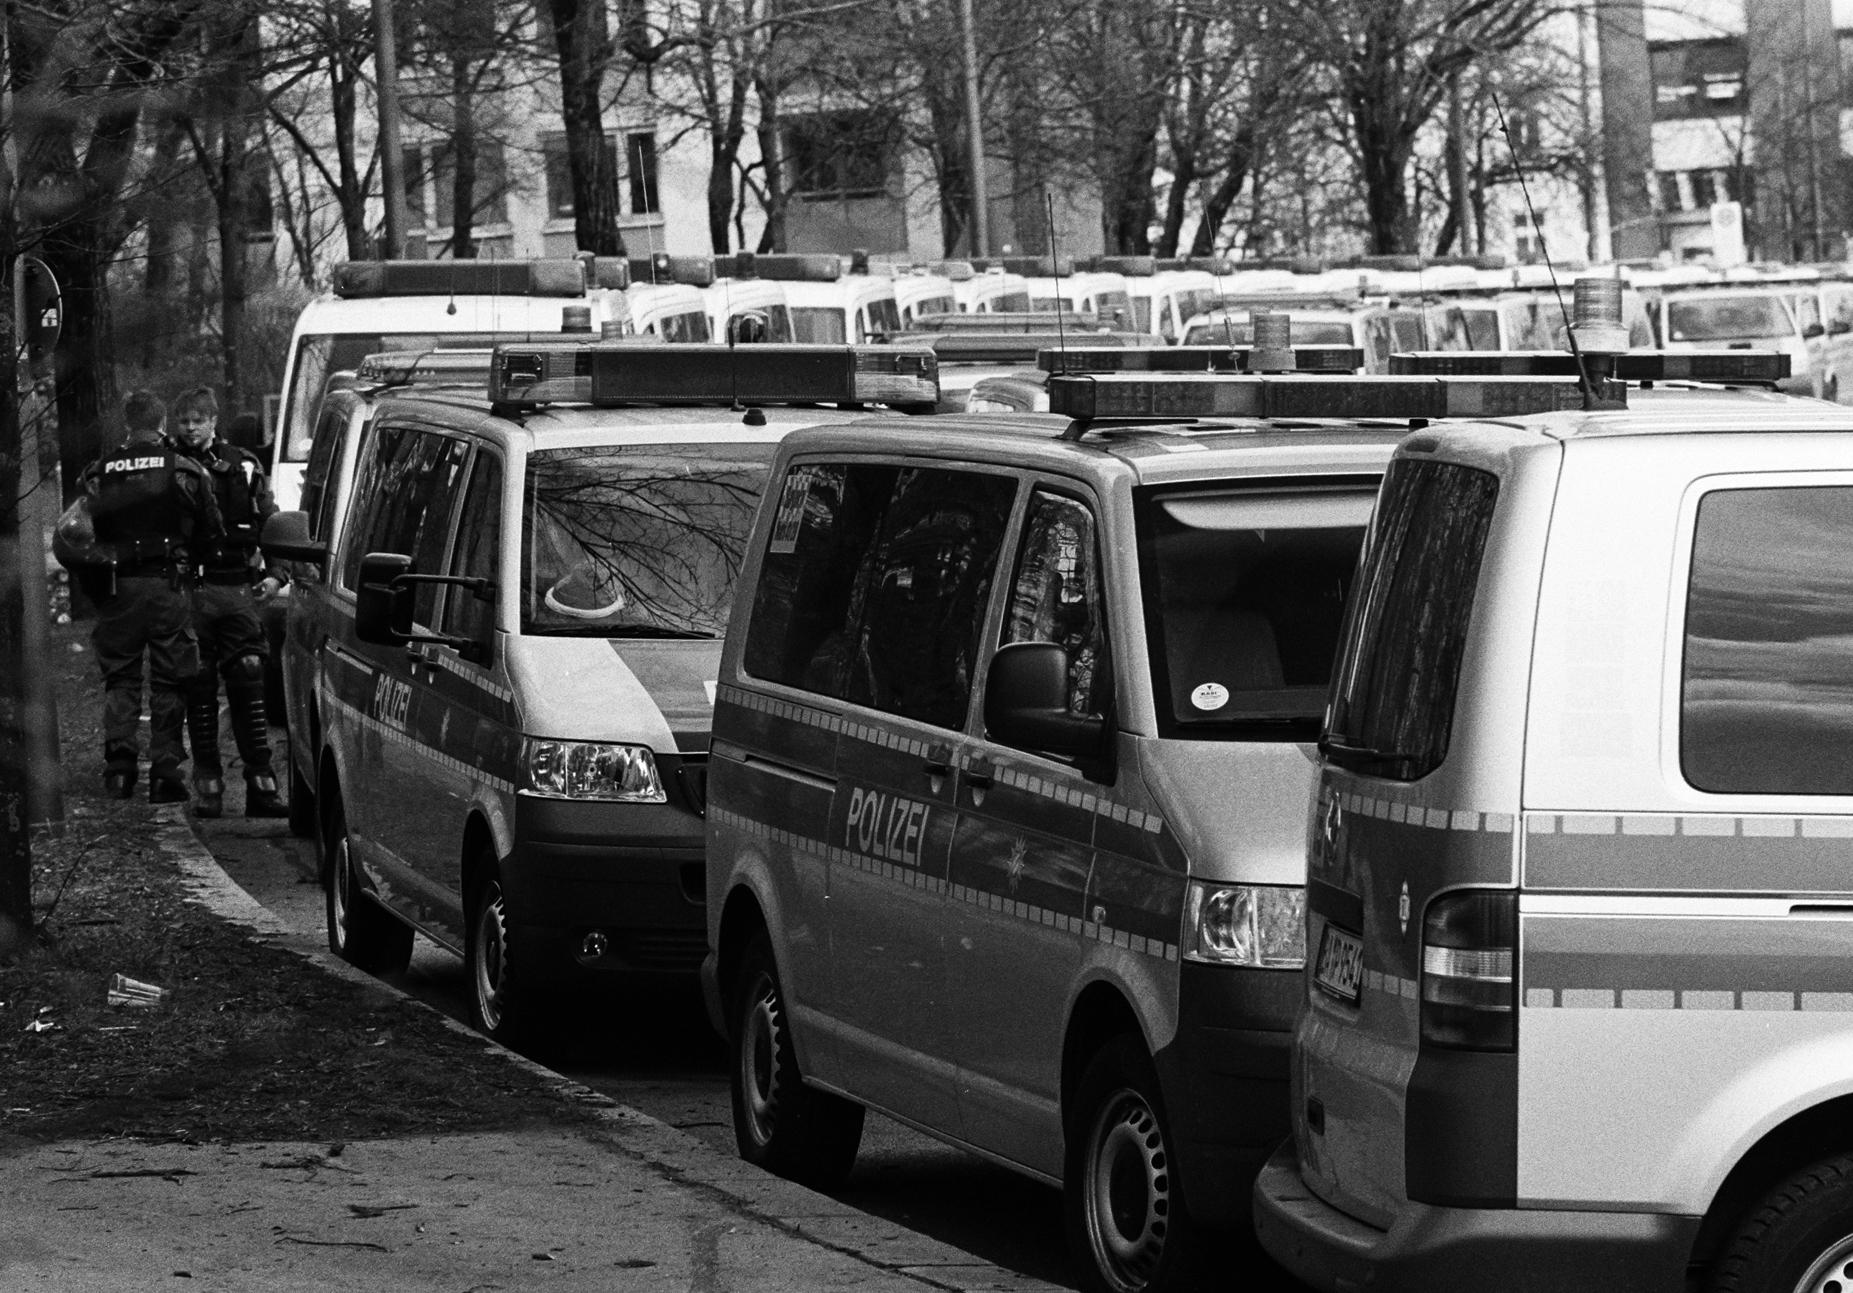 """Akute """"Sonderlage dahoam"""". München zwischen Amok-Panik und Terror-Angst"""